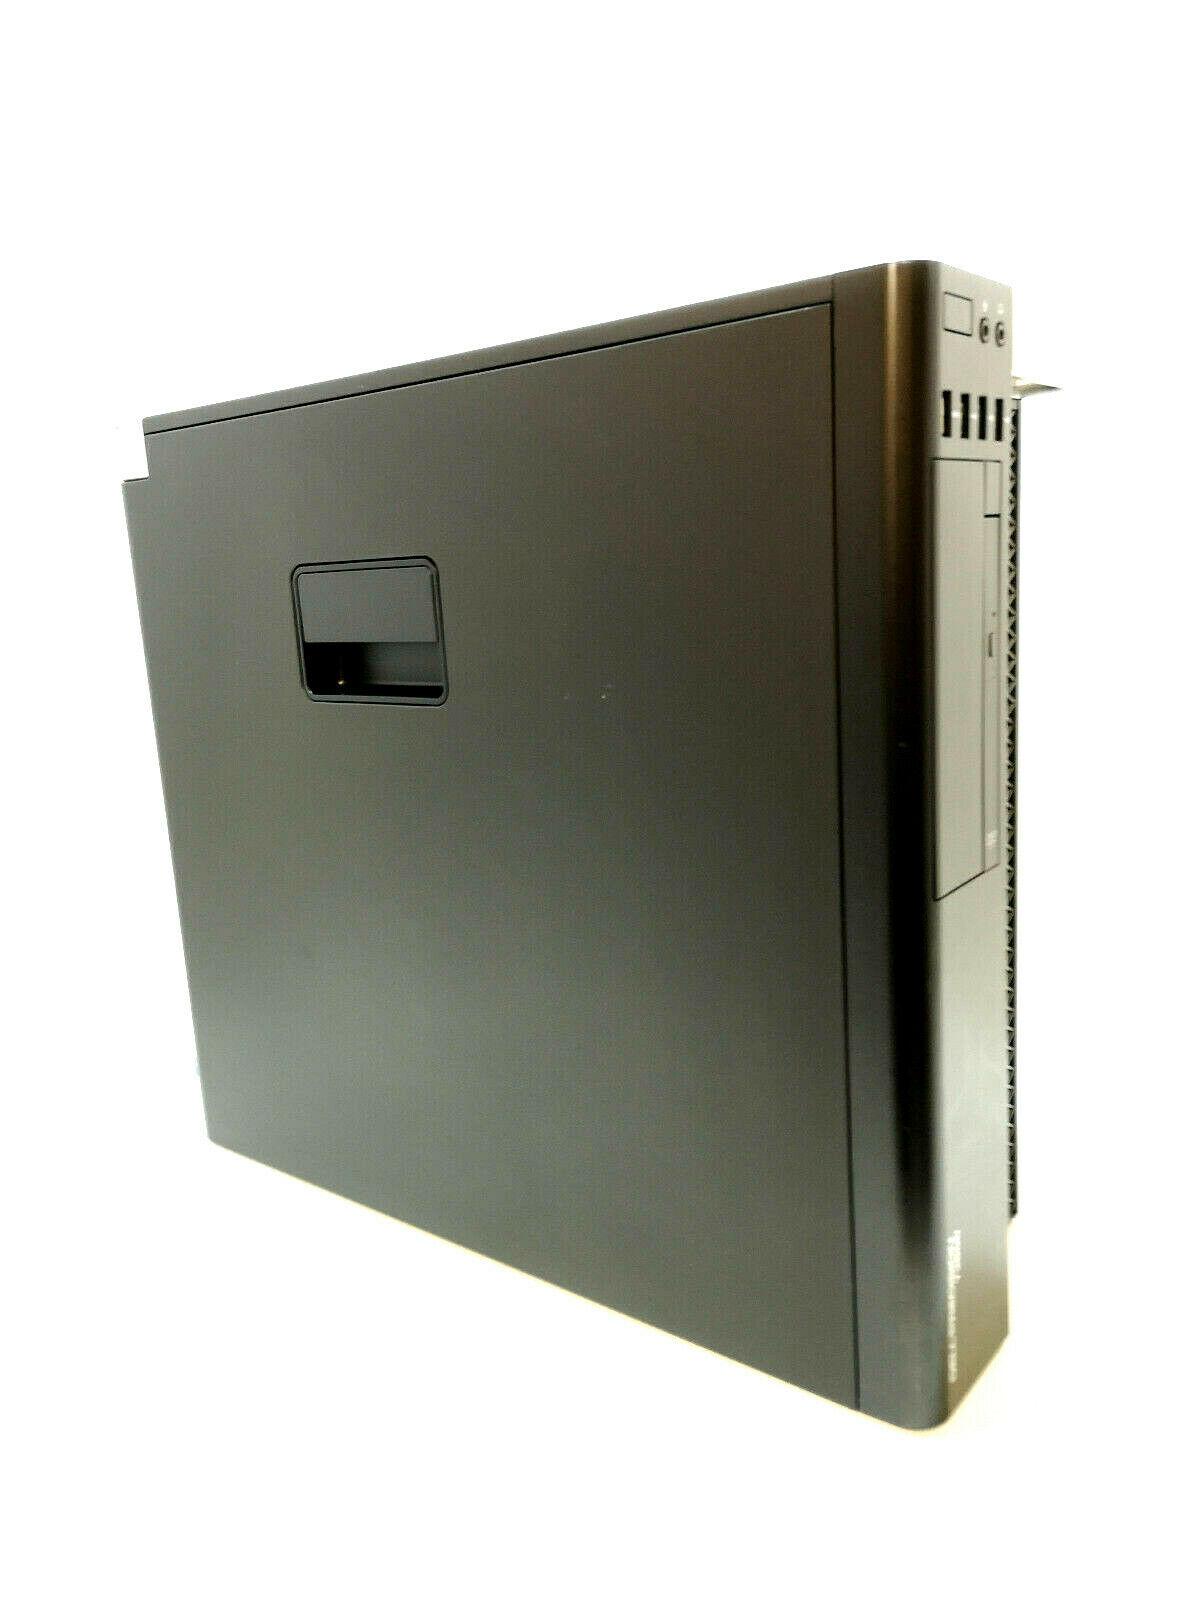 Dell Precision T3600 No 3